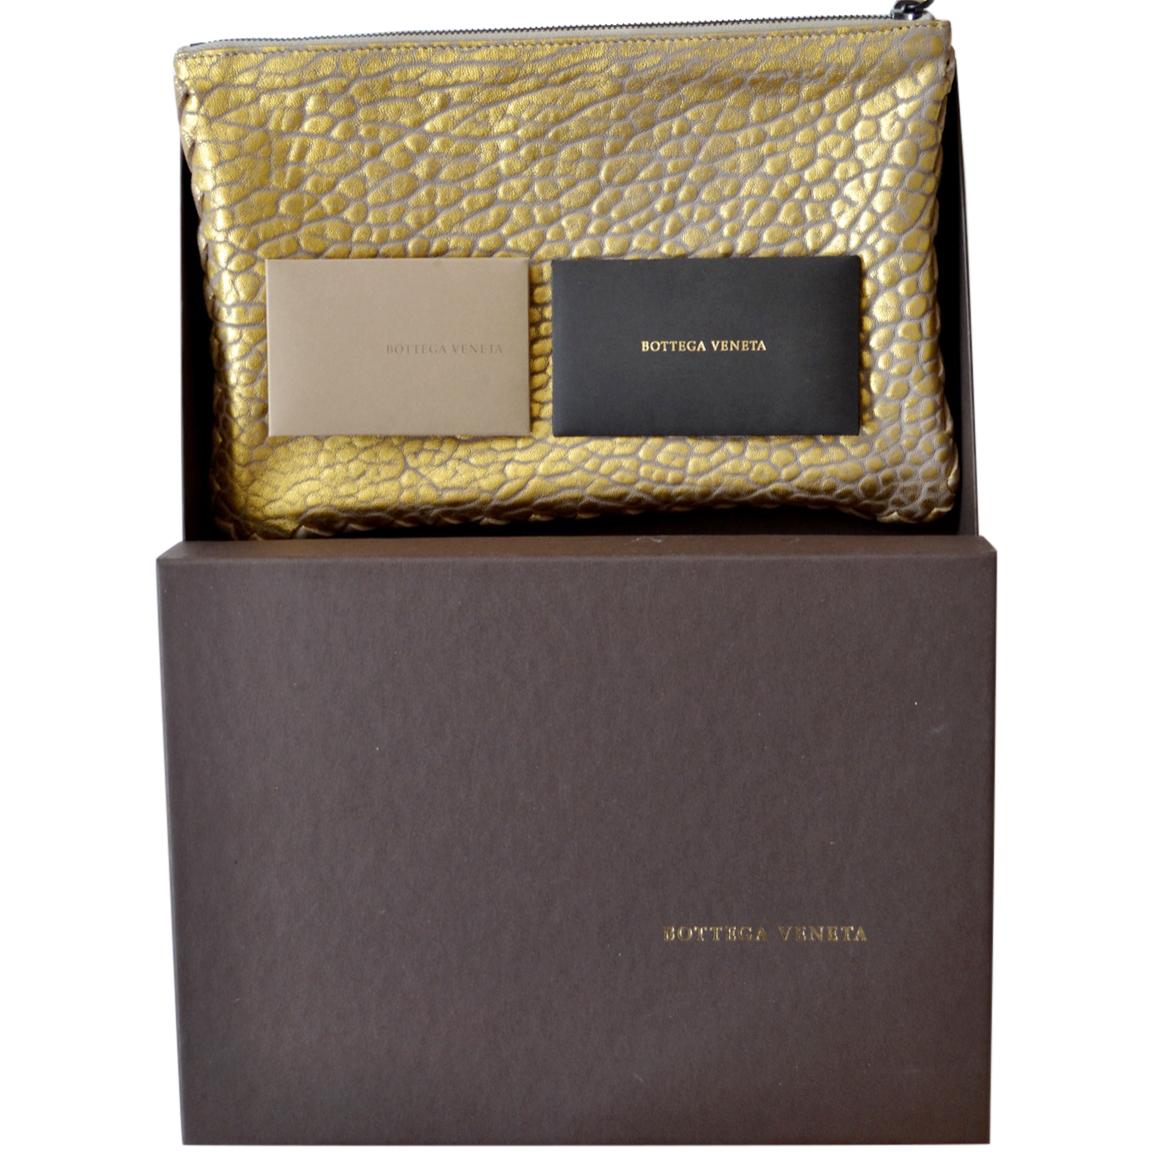 Bottega Veneta Gold Large Grain Zip pouch